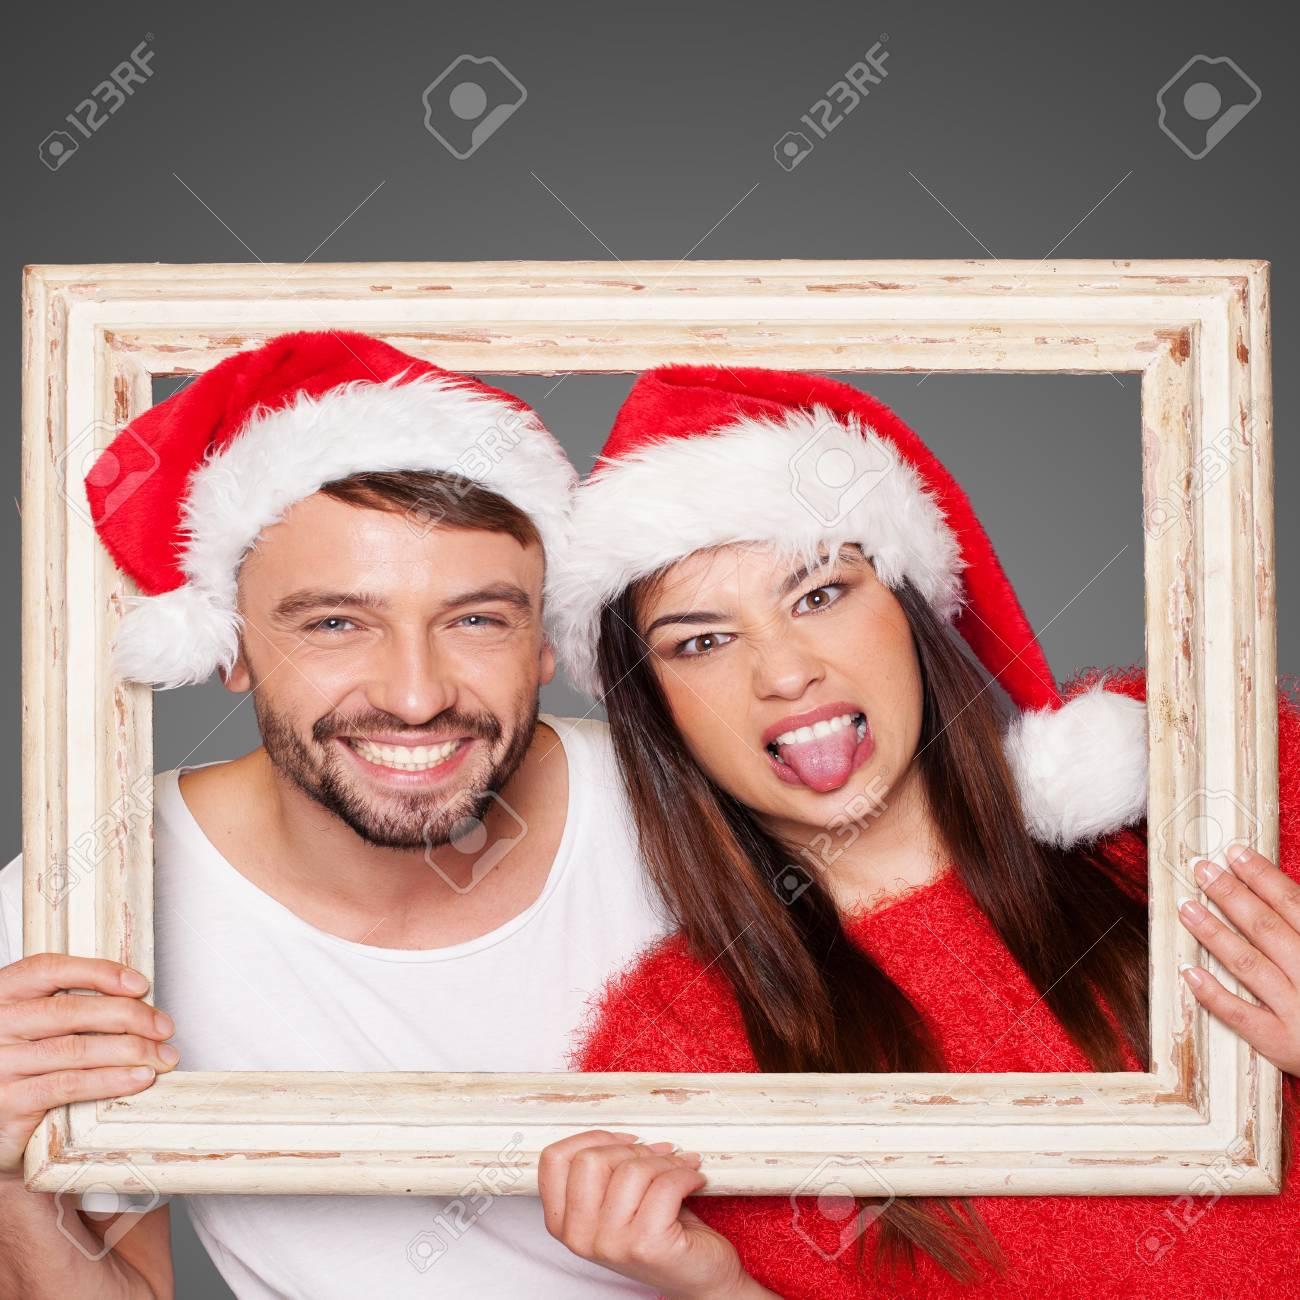 Paar Sucht Durch Und Leere Bilderrahmen Tragen Santa Hüte Mit Der ...